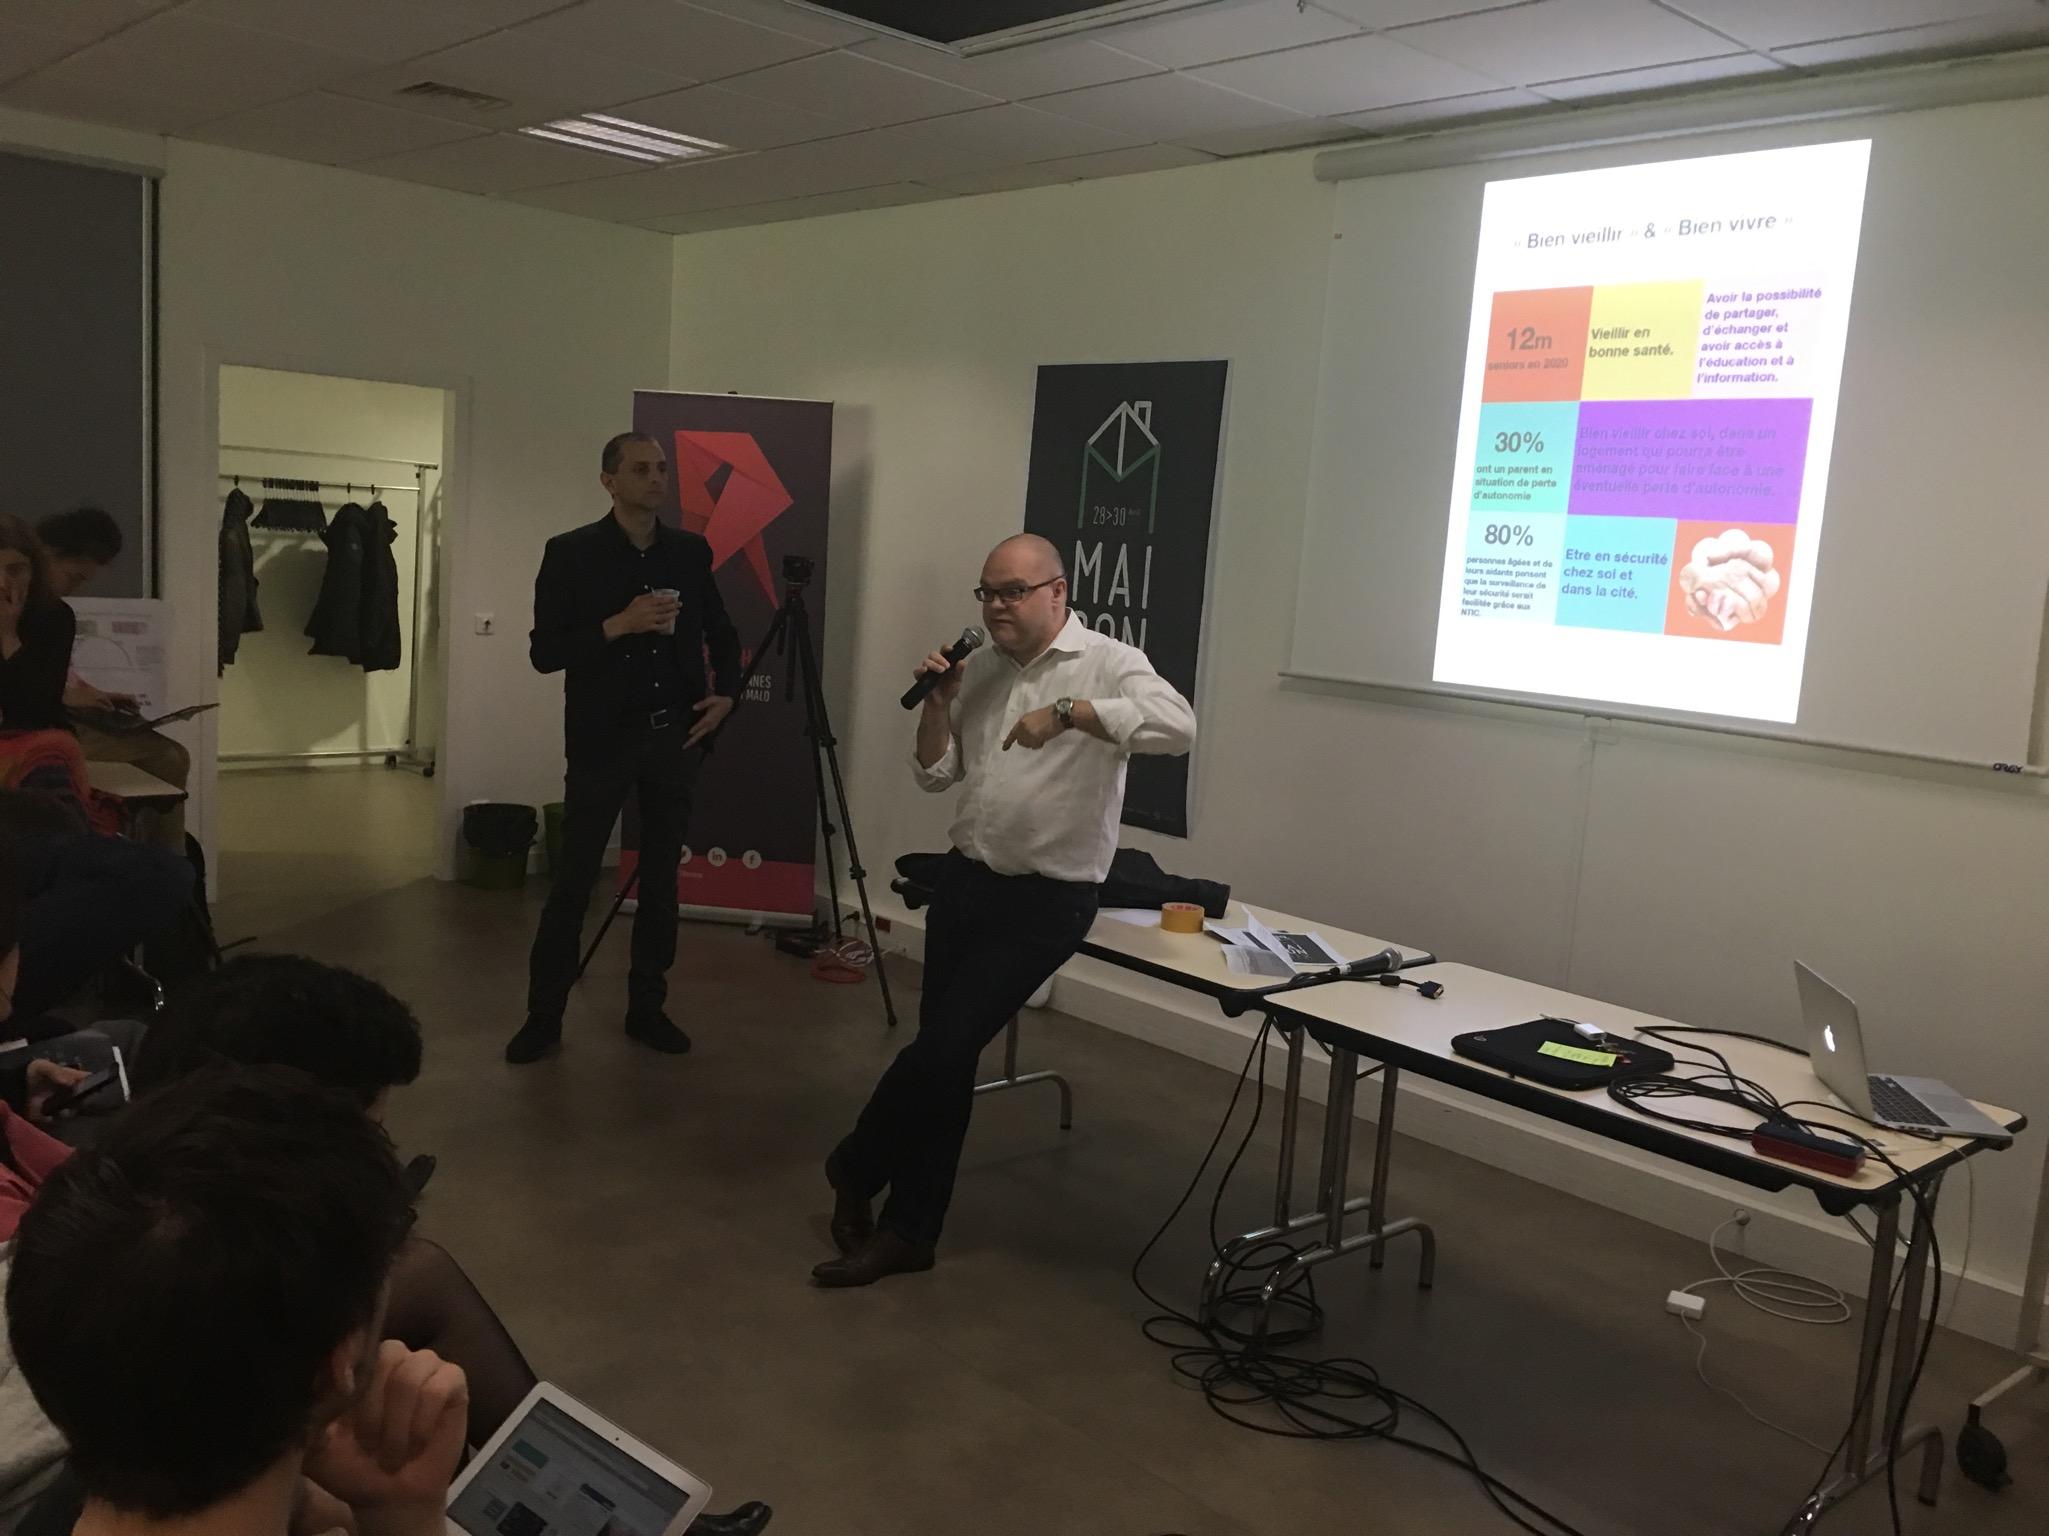 Yannick Provost présente, chiffres à l'appui, la pauvretéd'un nombre important de personnes âgées. Les participants prennent des notes ! La précarité, un véritable enjeu.